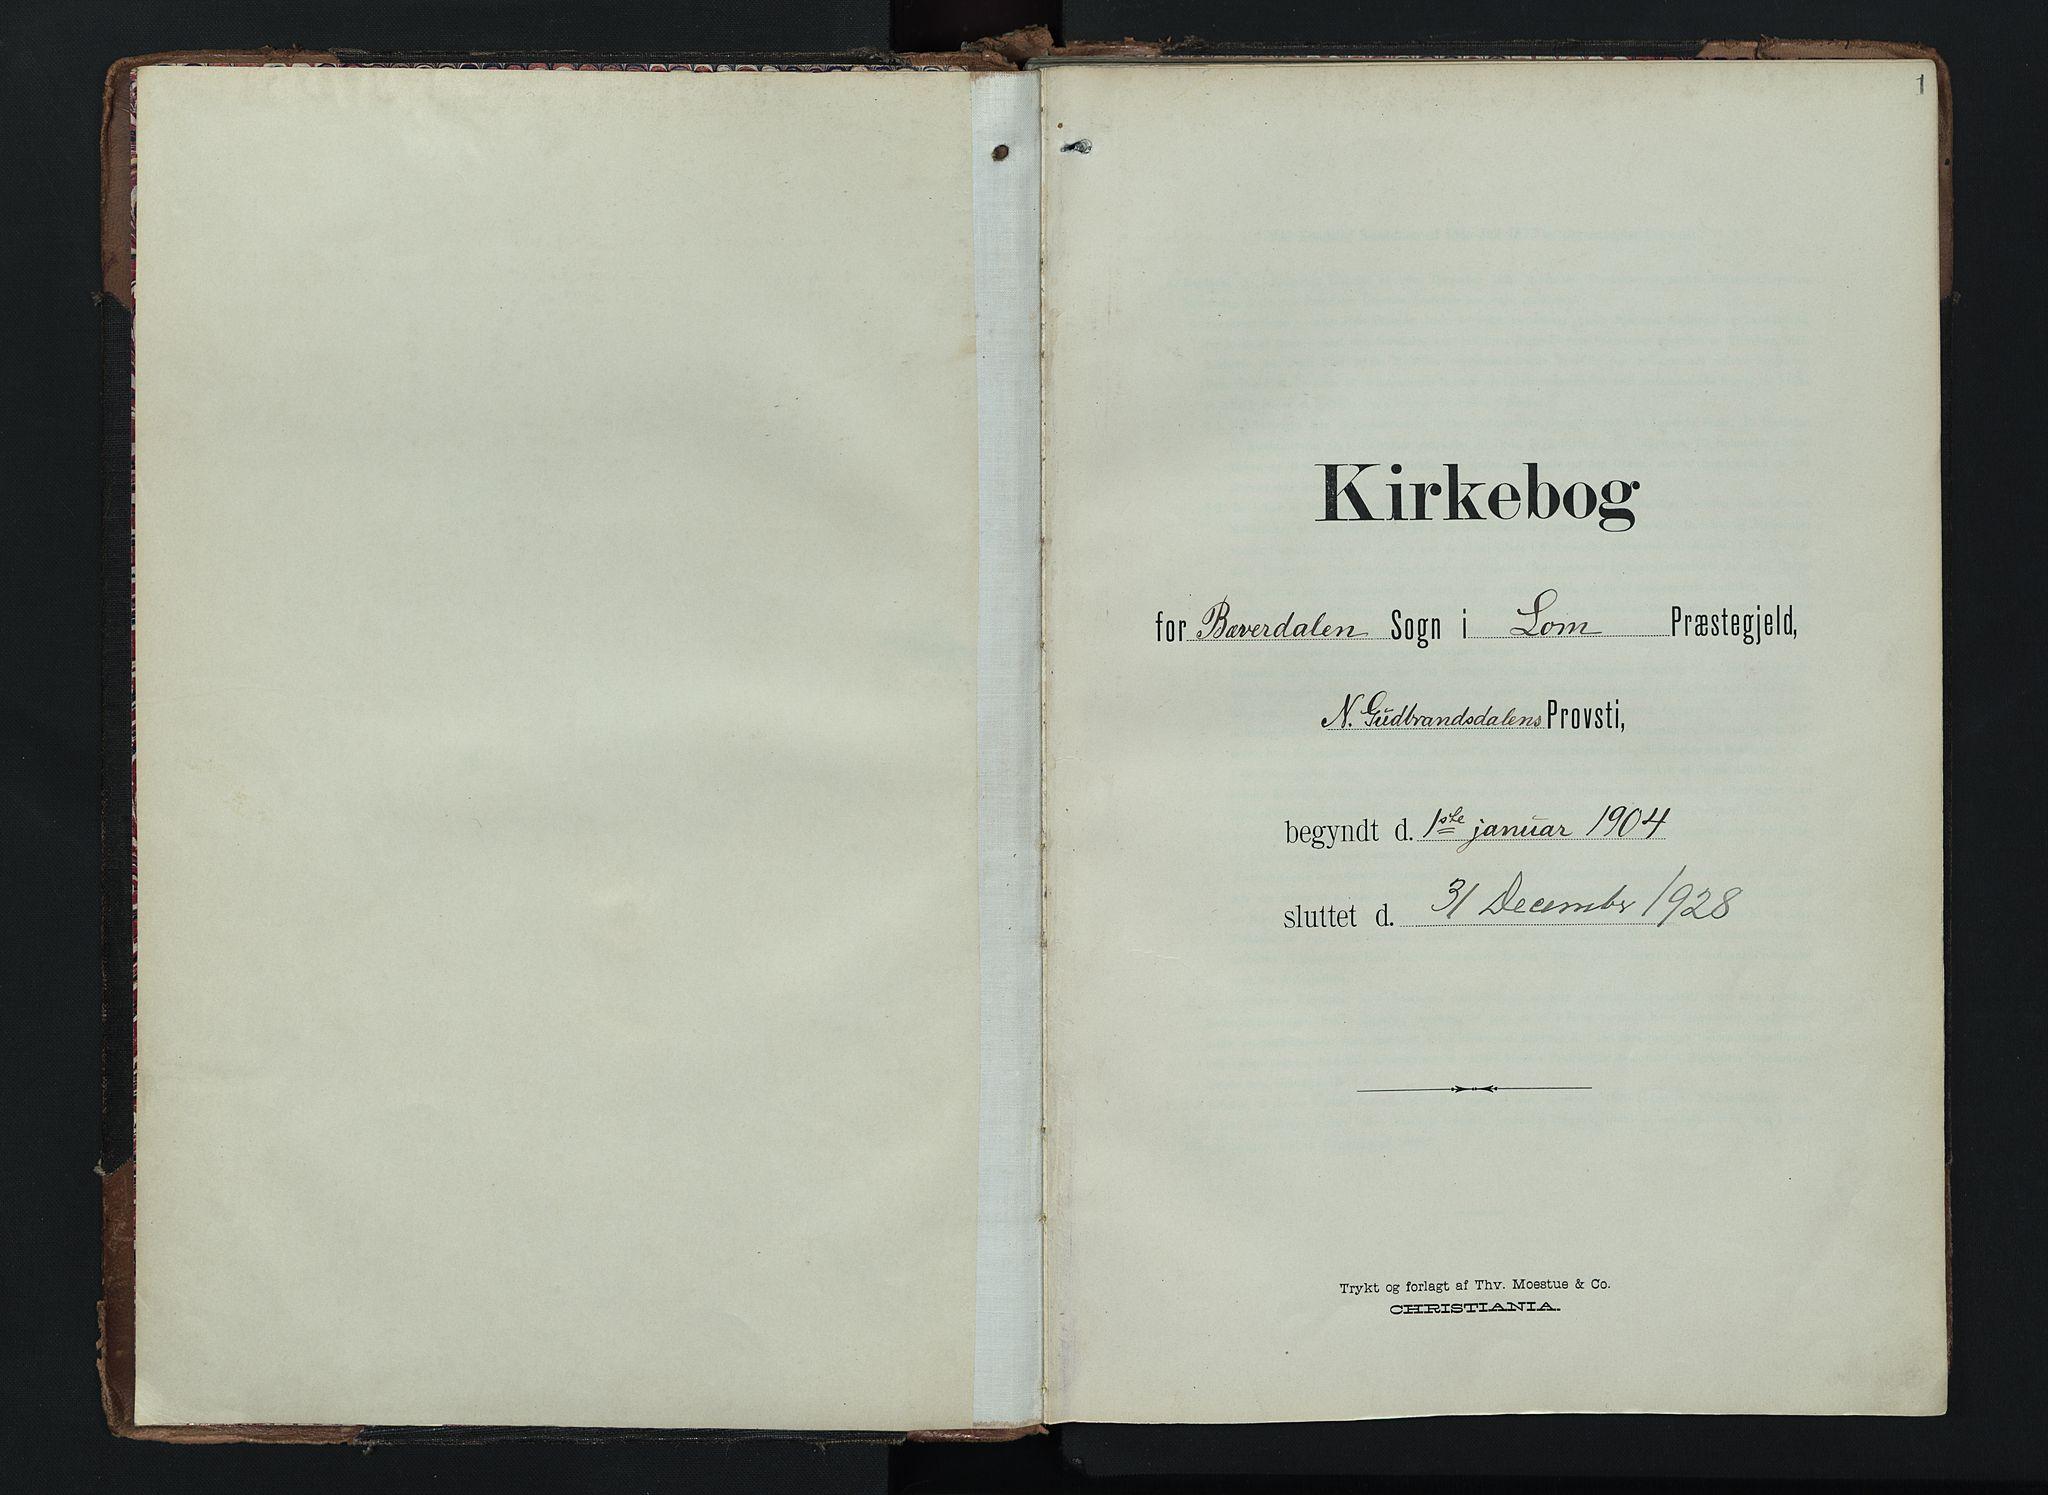 SAH, Lom prestekontor, K/L0012: Ministerialbok nr. 12, 1904-1928, s. 1